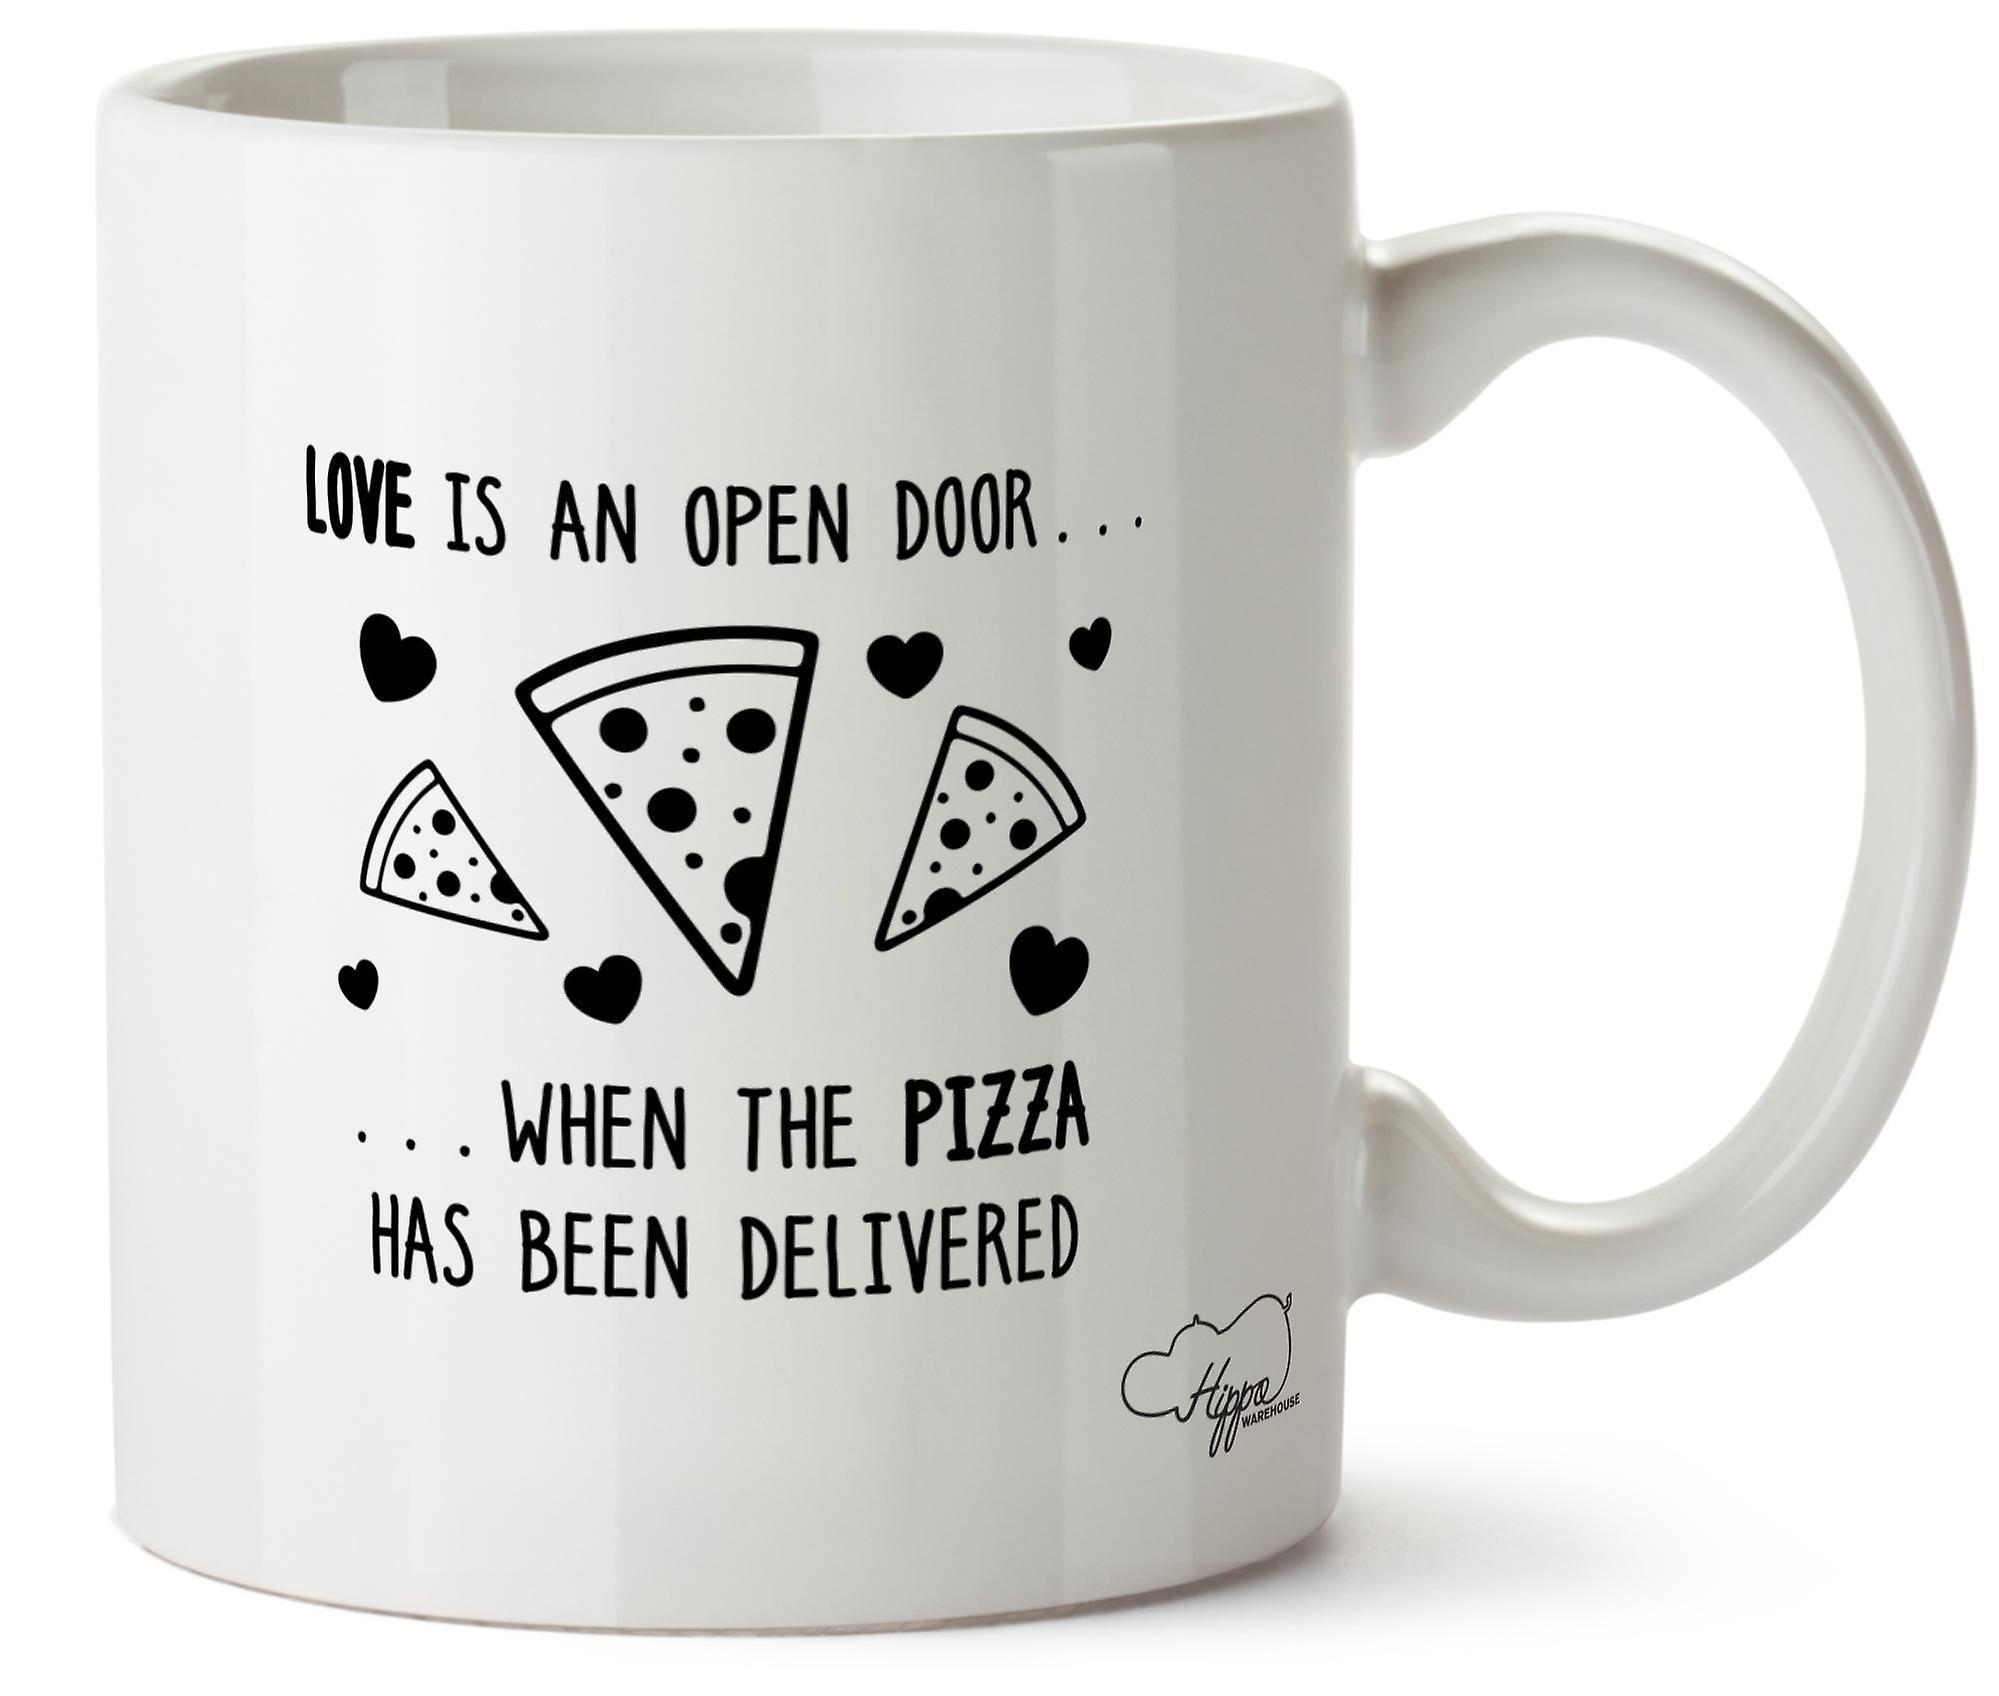 Hippowarehouse любовь это открытая дверь... Когда Пицца была доставлена печатных кружка Кубок керамические 10oz